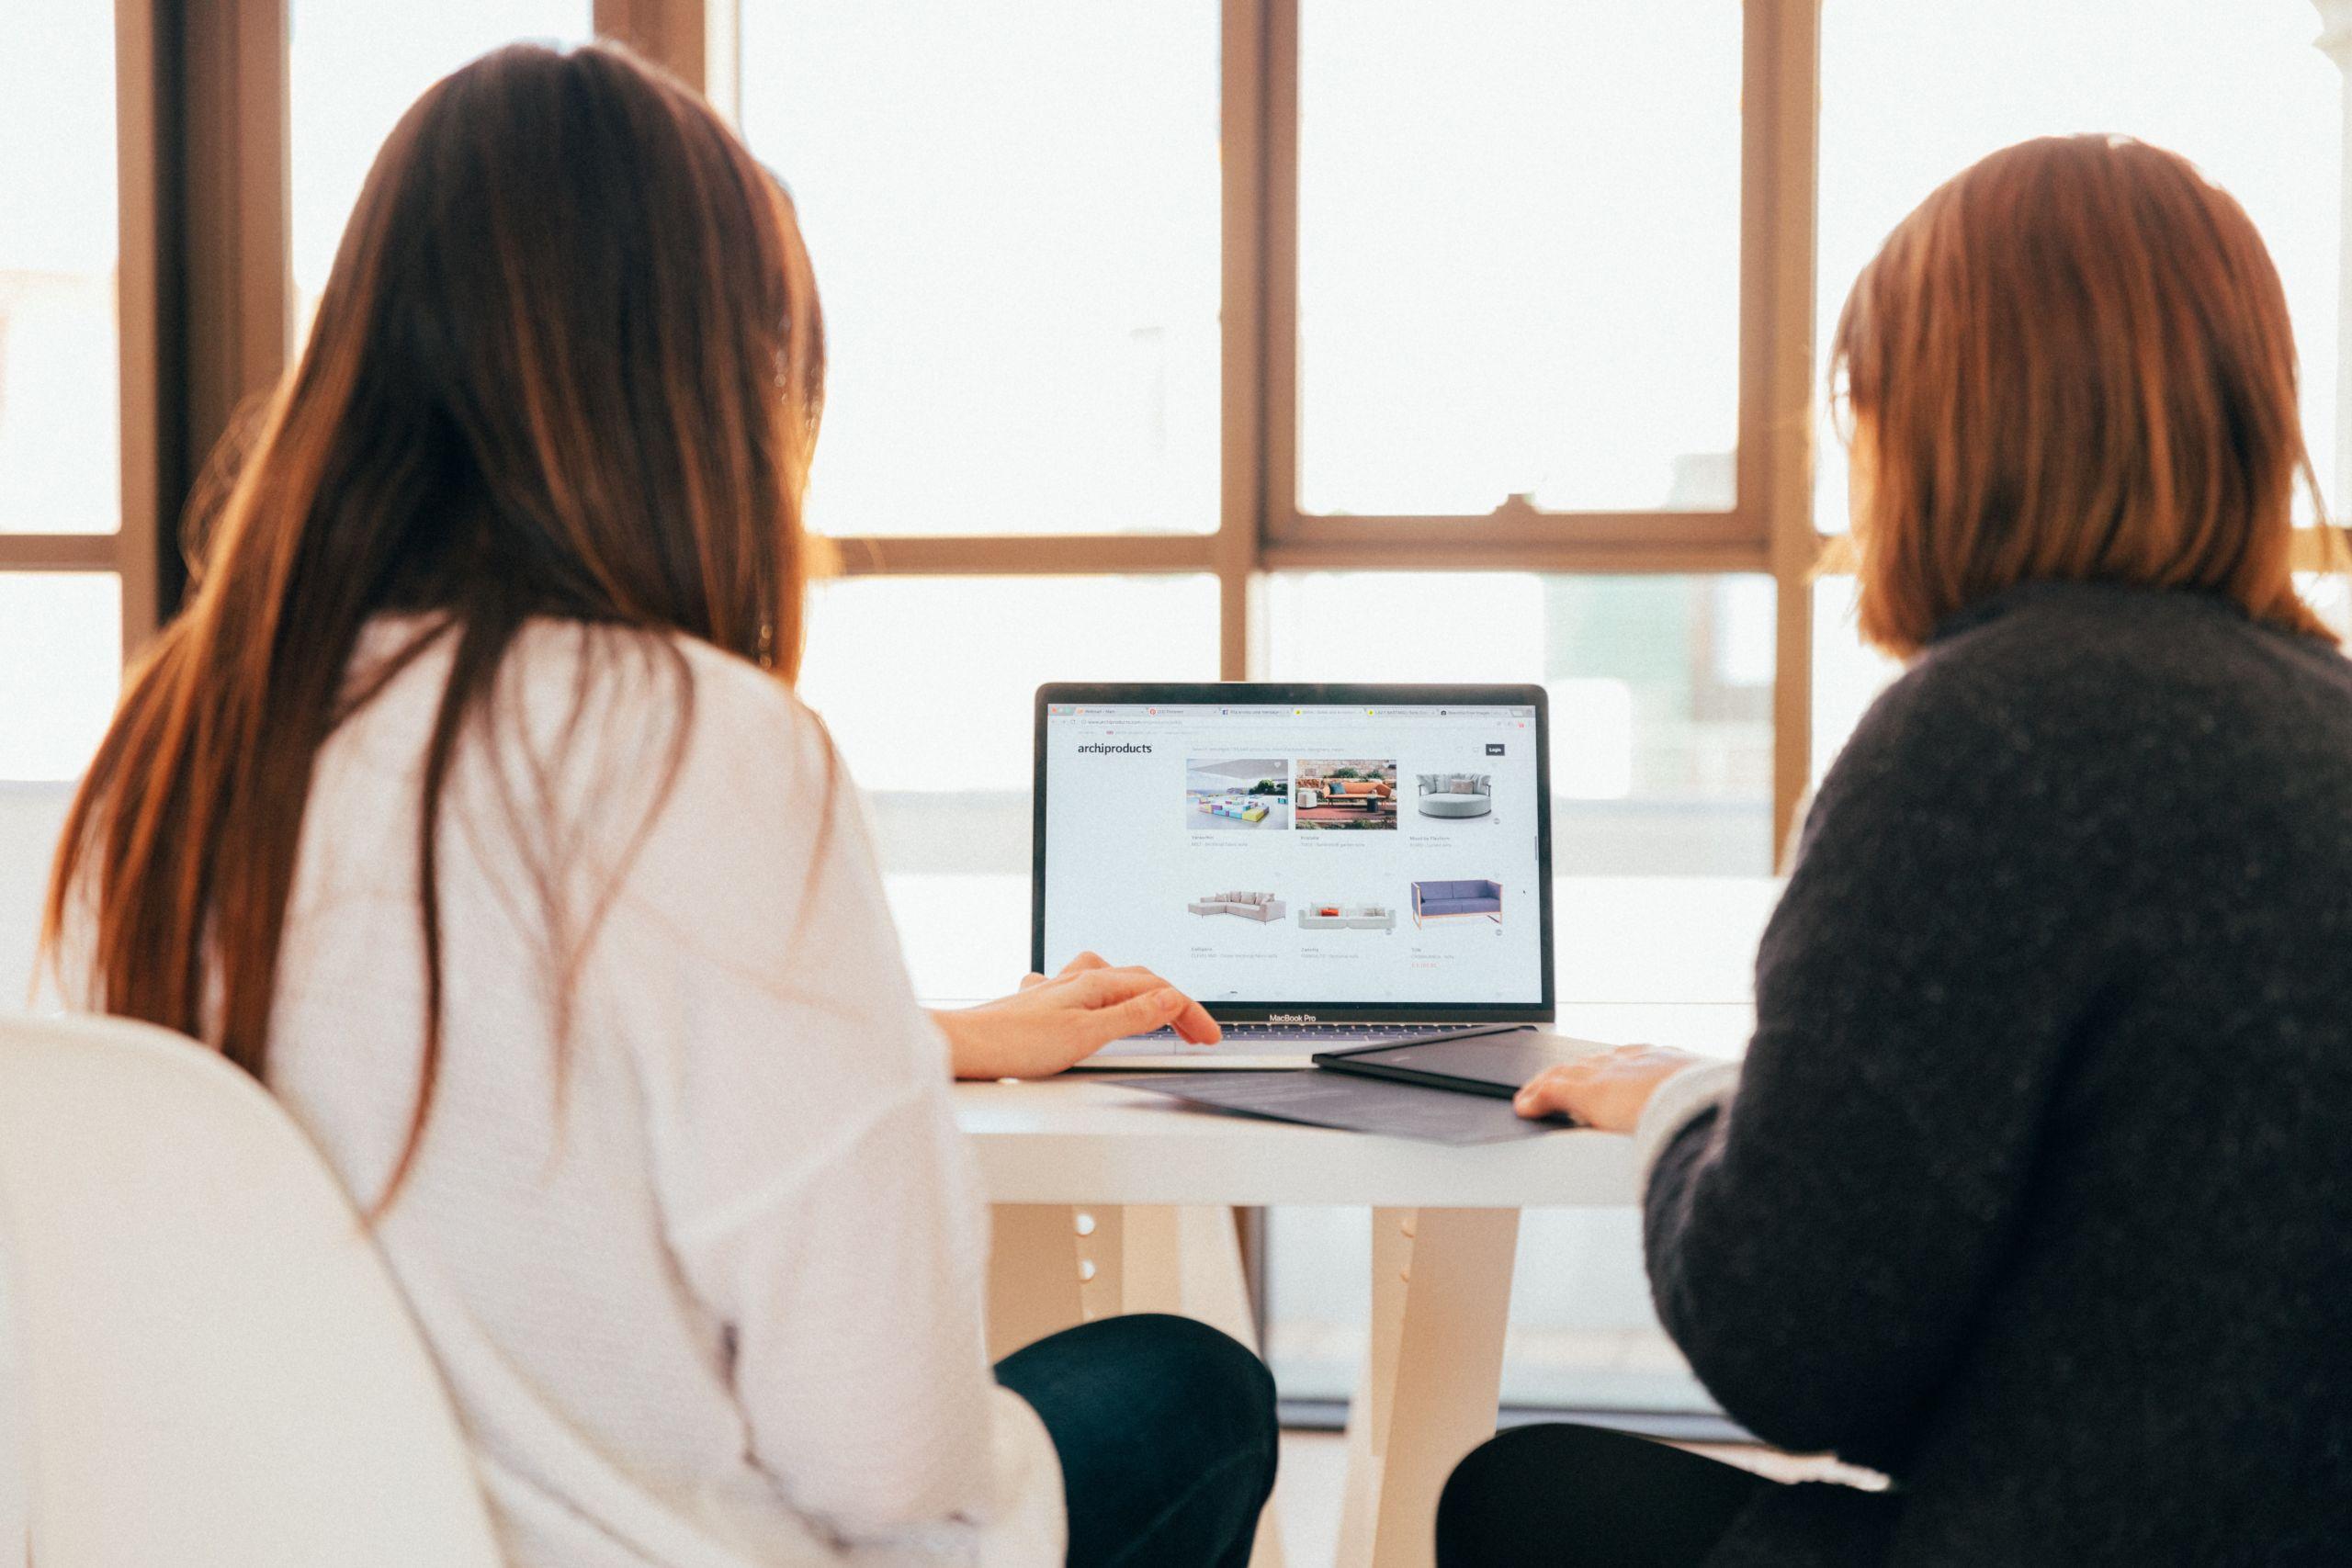 Zwei als Frauen* gelesene Personen sitzen gemeinsam vor einem Laptop vor einer großen Fensterfront.